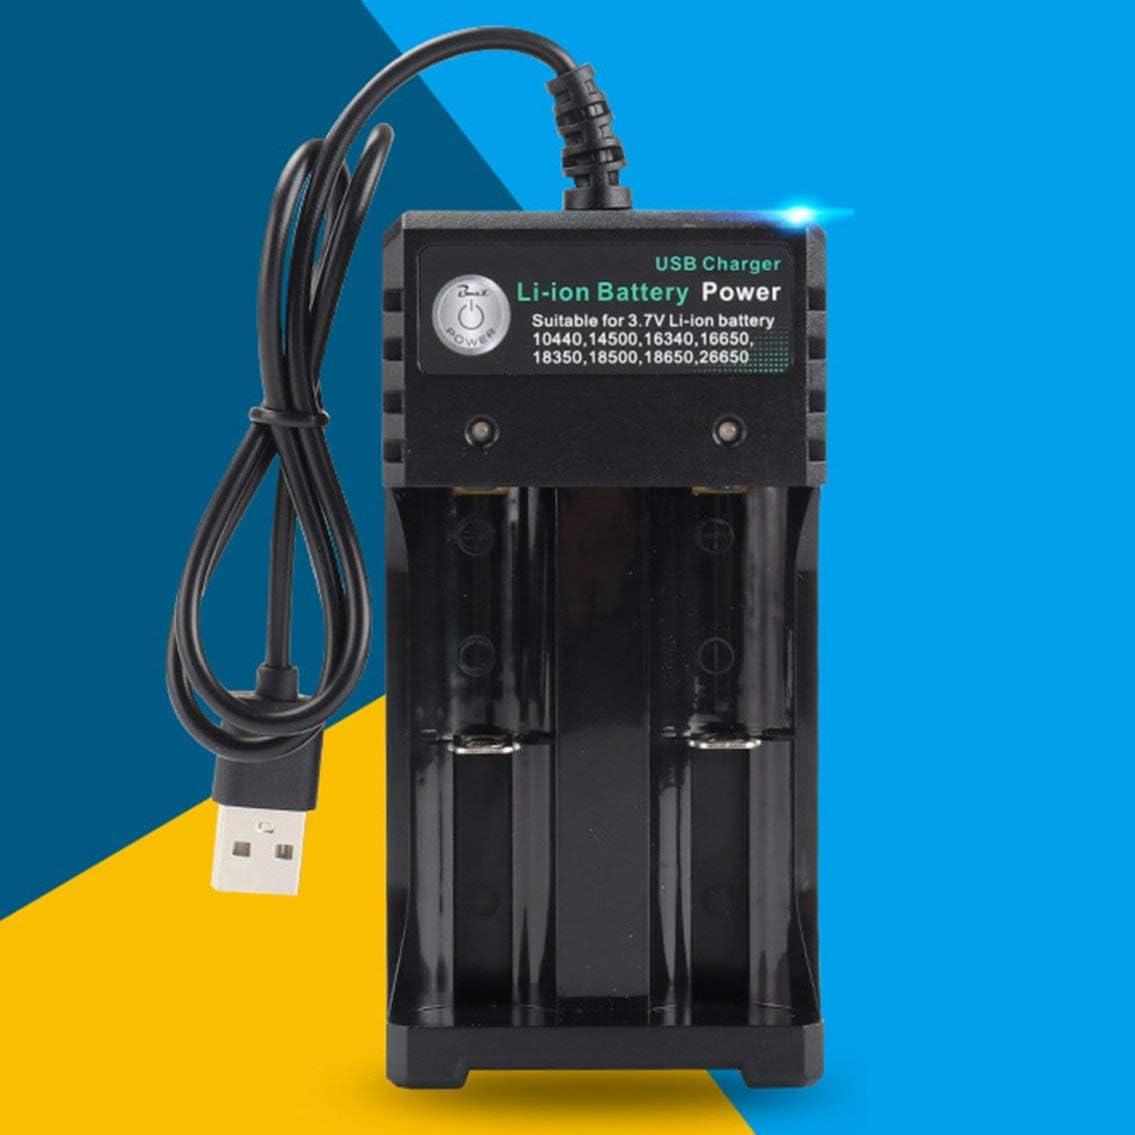 Cargador de bater/ía para 3.7V 18650 14500 16340 26650 Bater/ías 2 Puertos Cargador de bater/ía con Enchufe USB Accesorios para Herramientas el/éctricas-Negro